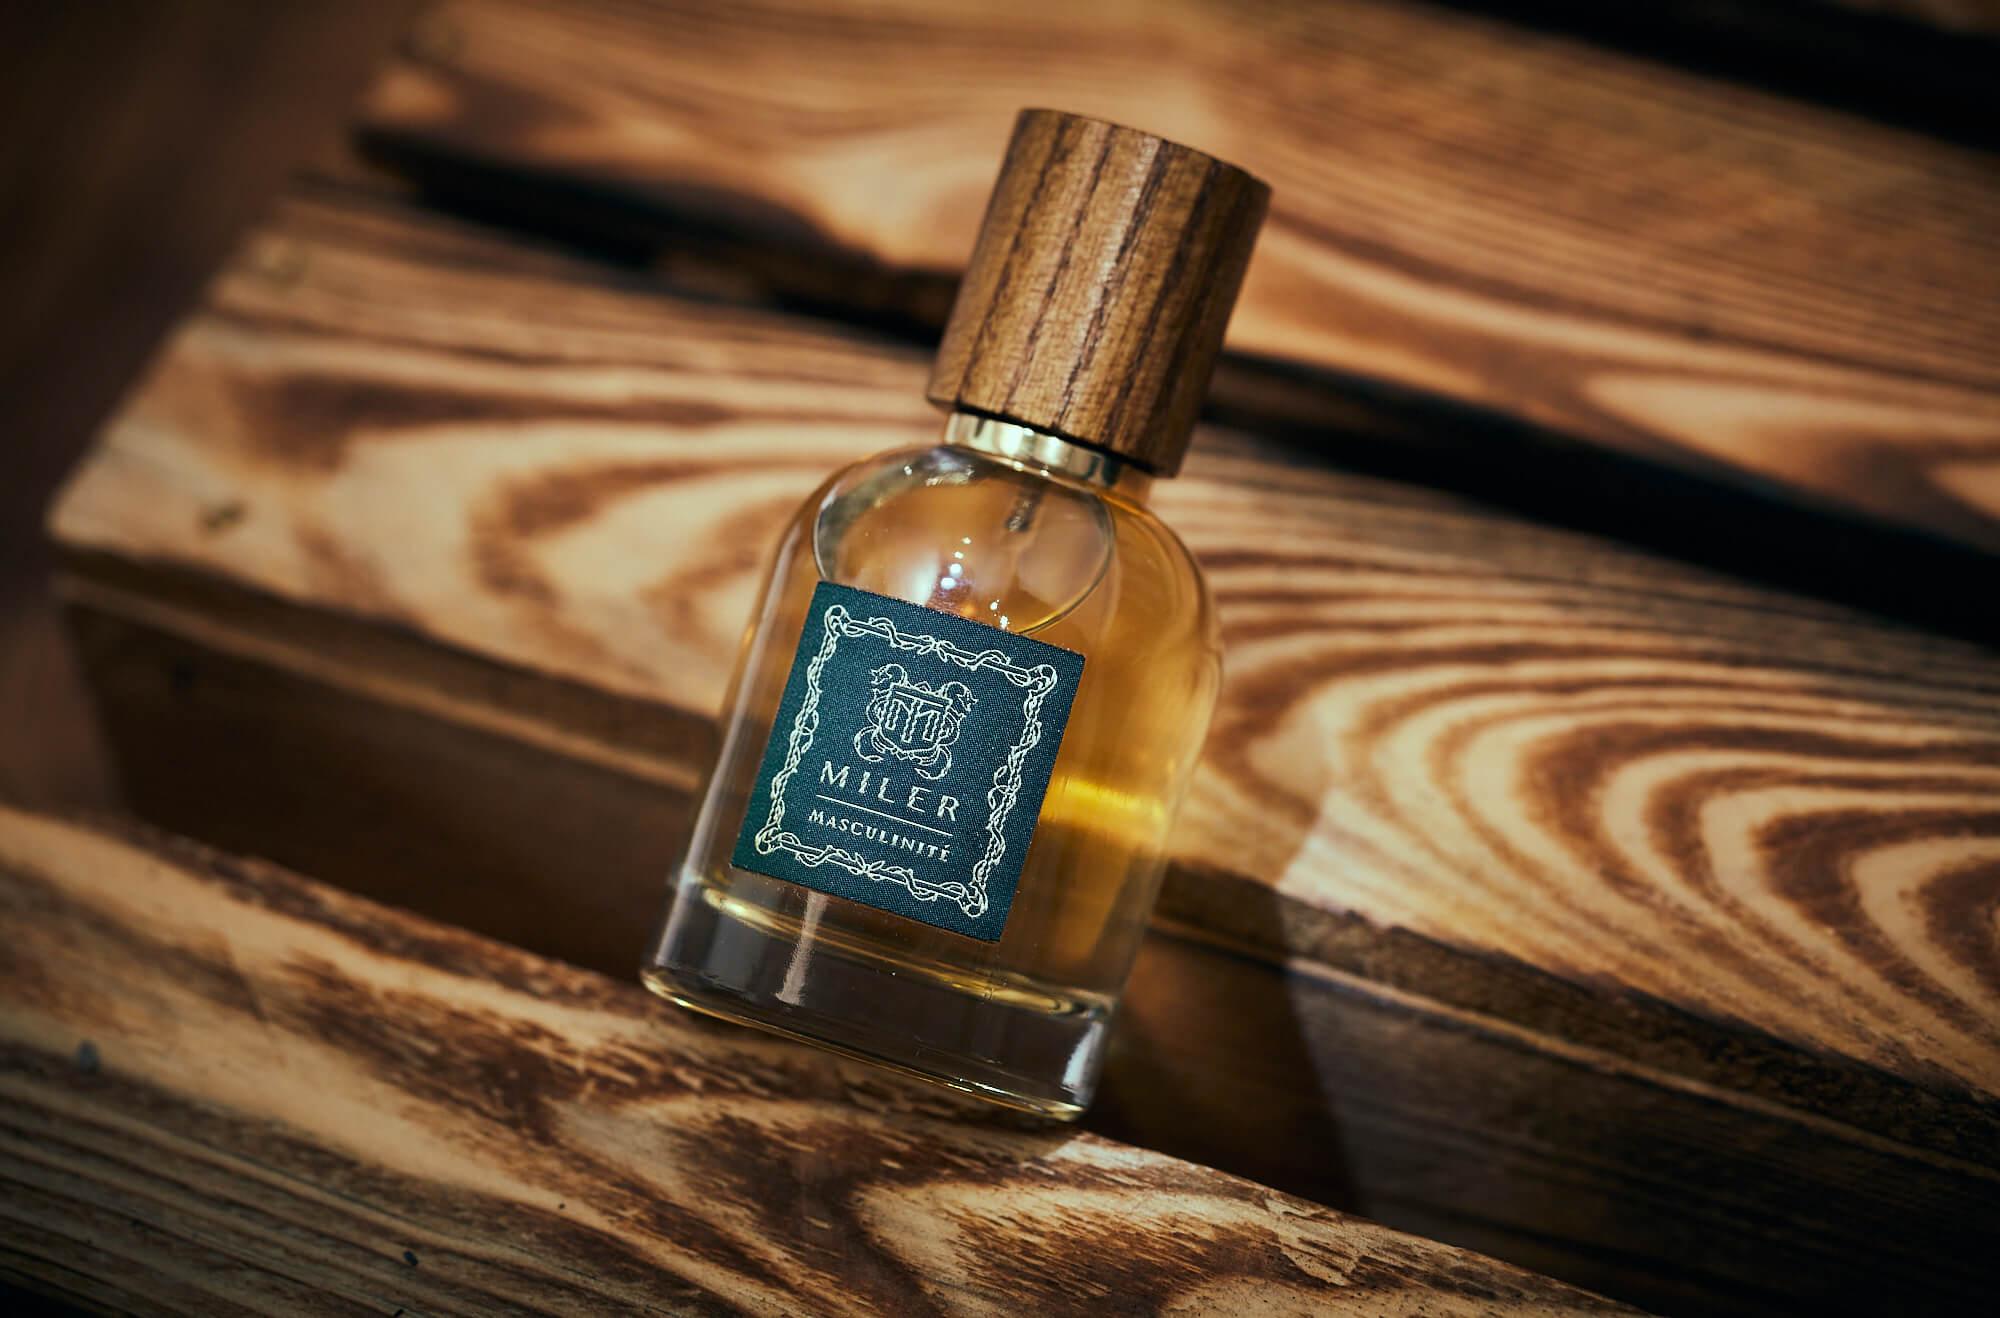 Żakardowa etykieta - perfumy męskie Miler Masculinite